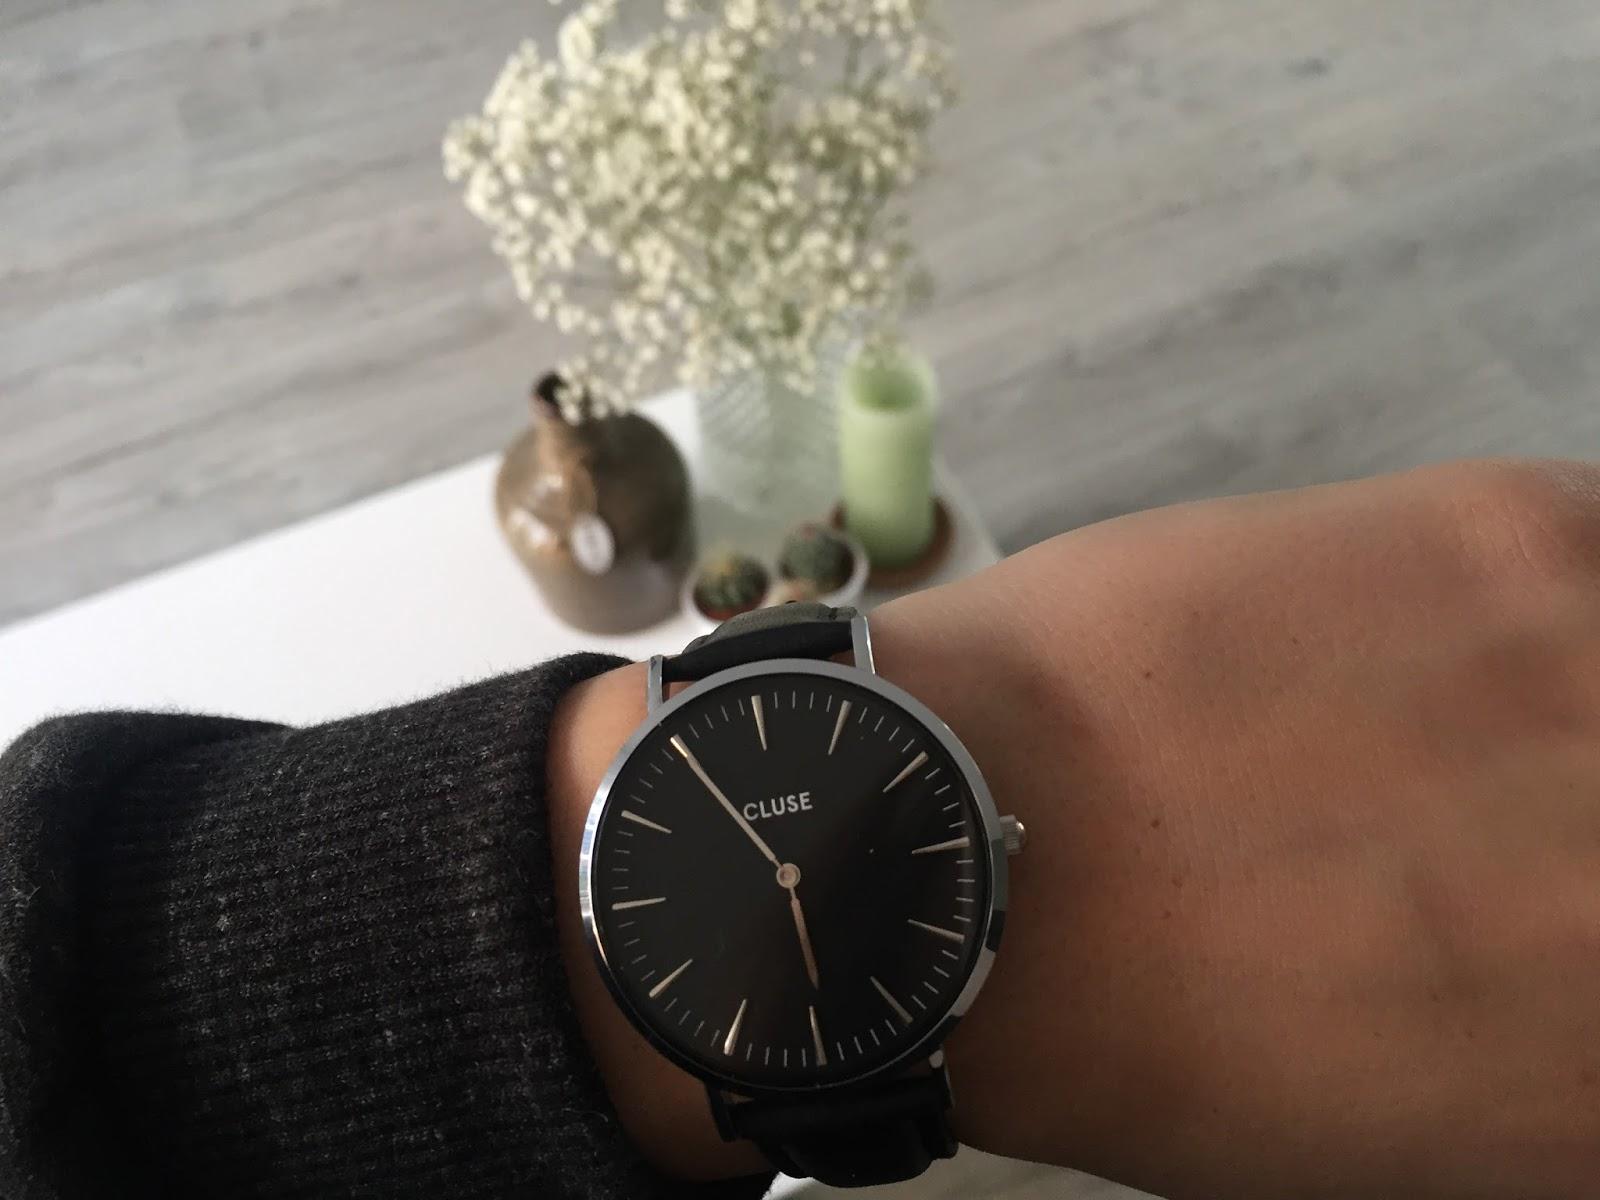 1b614f7be81 ... ik mijn eerste Cluse horloge en daar heb ik nu een tweede bij gekocht.  De horloges zijn eenvoudig, maar toch stijlvol. En ze passen overal goed  bij.